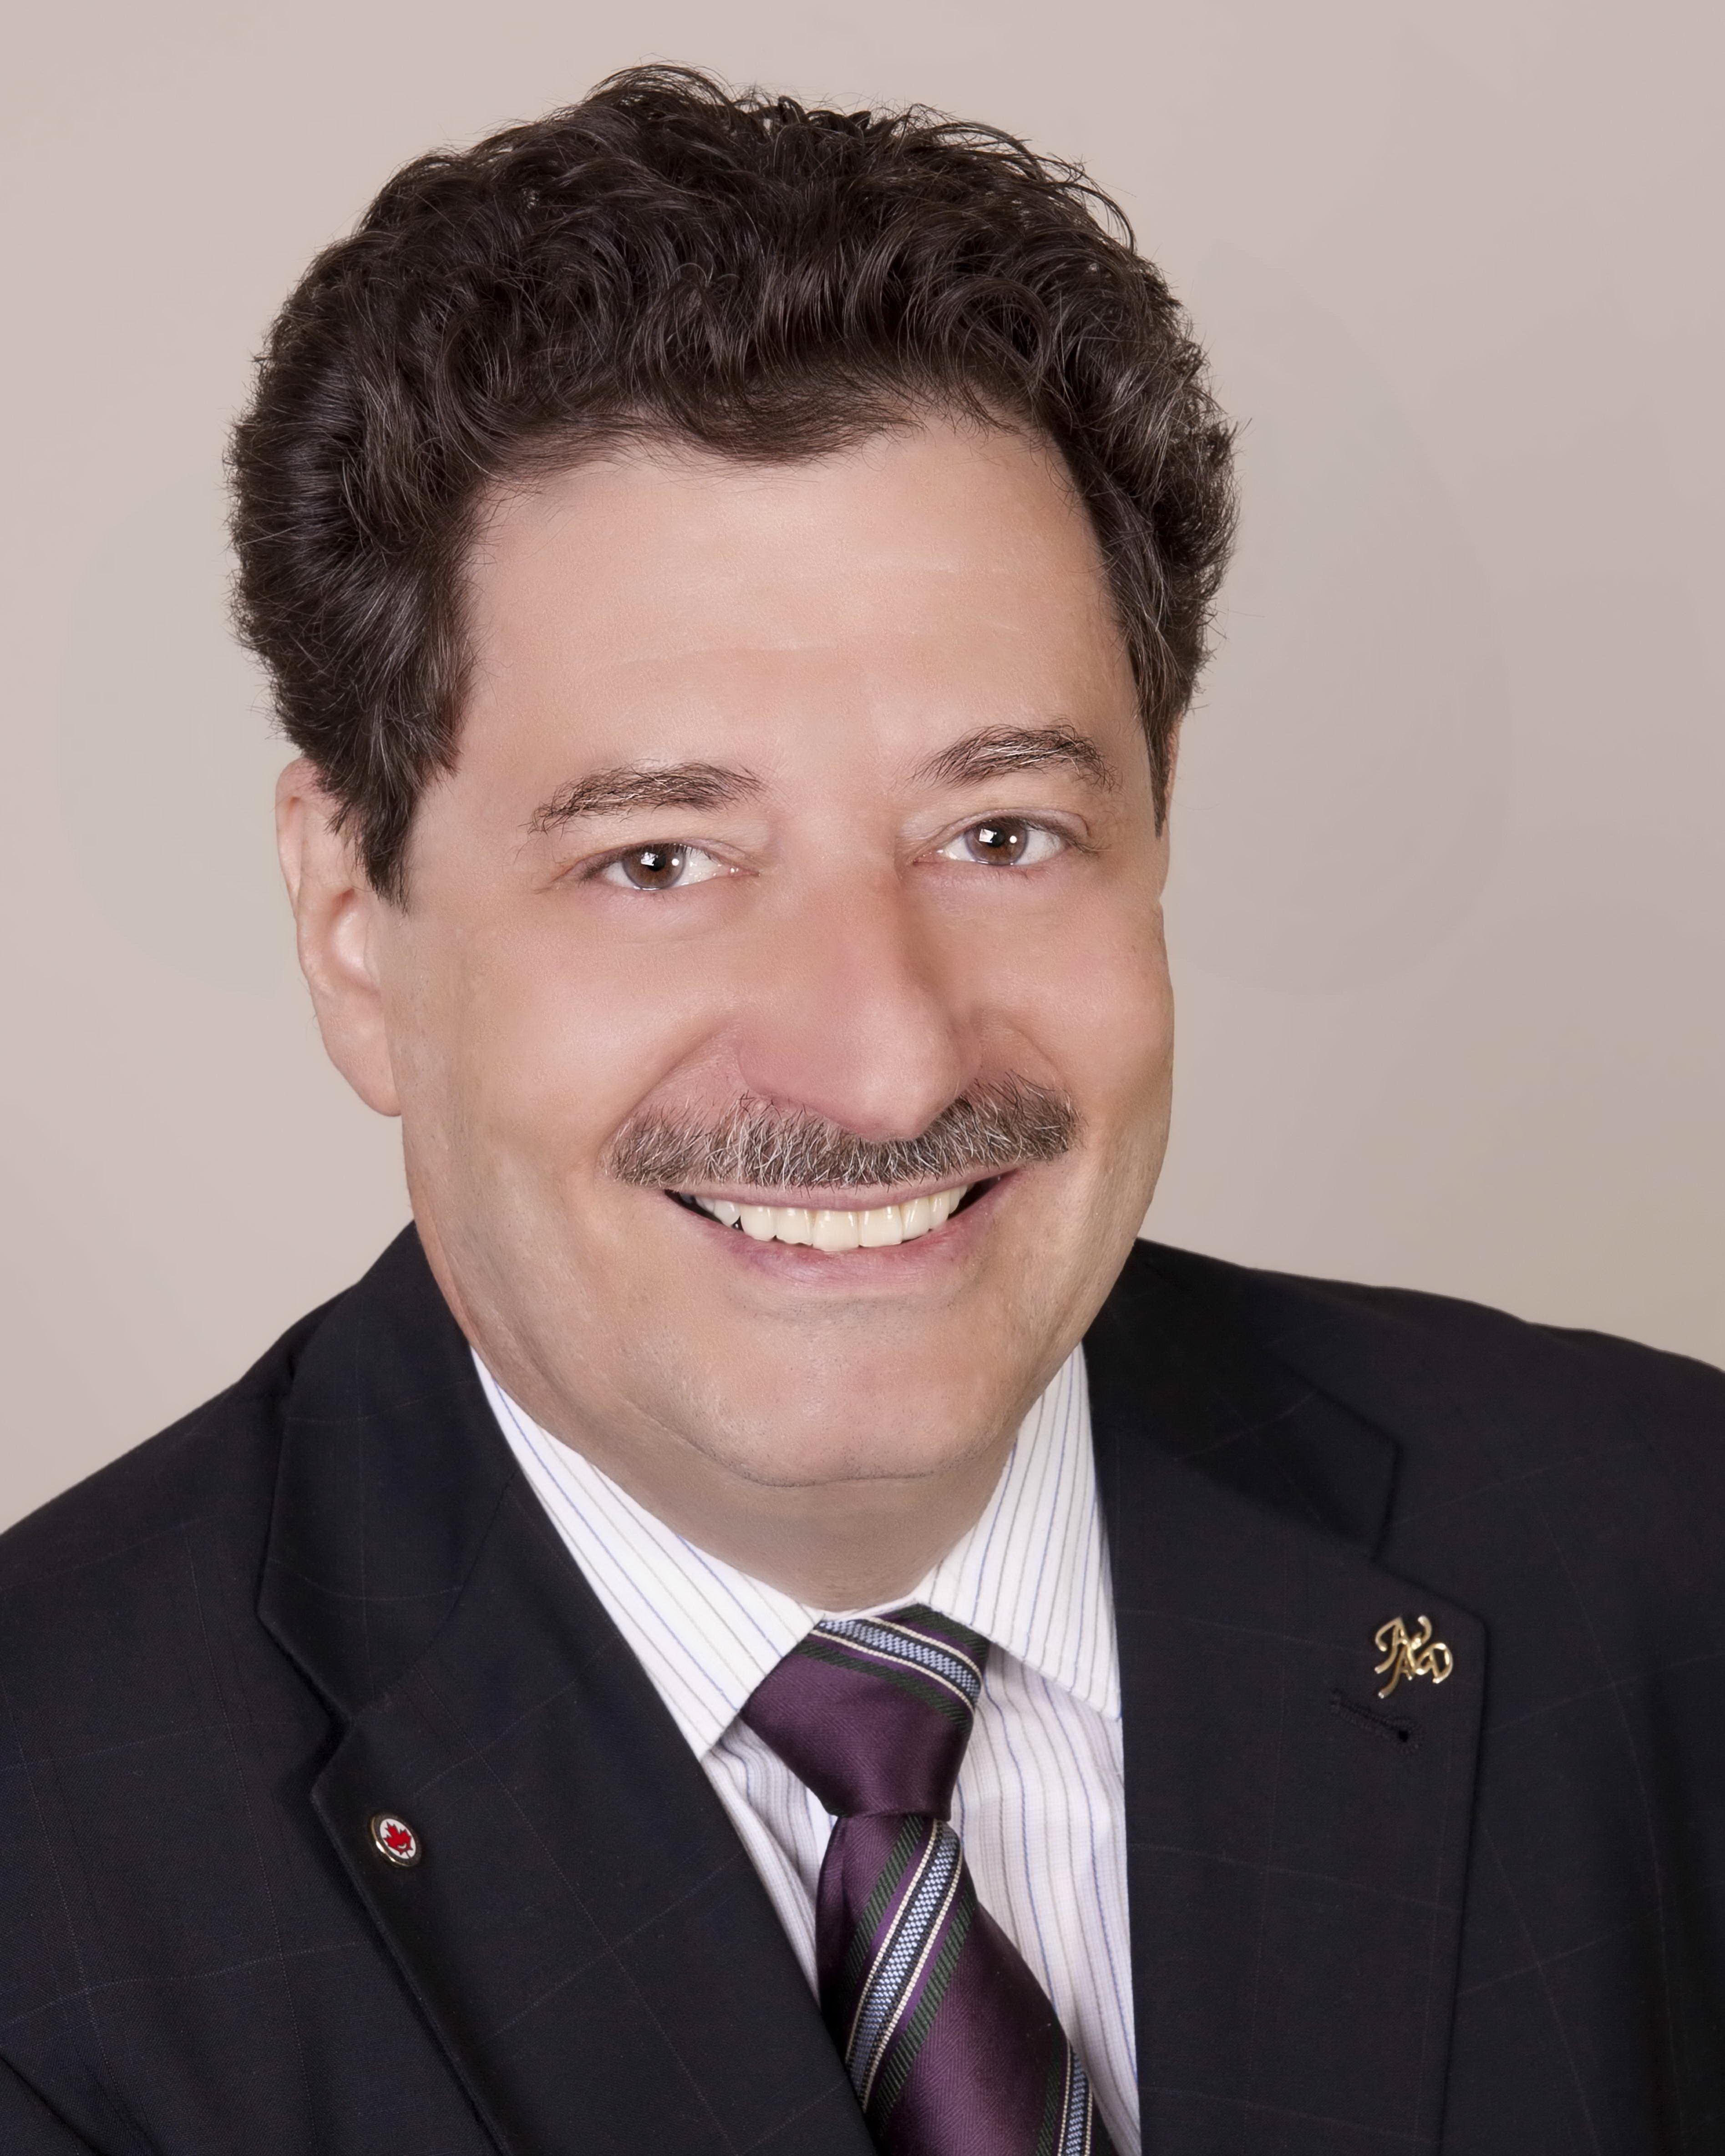 George A. Freedman